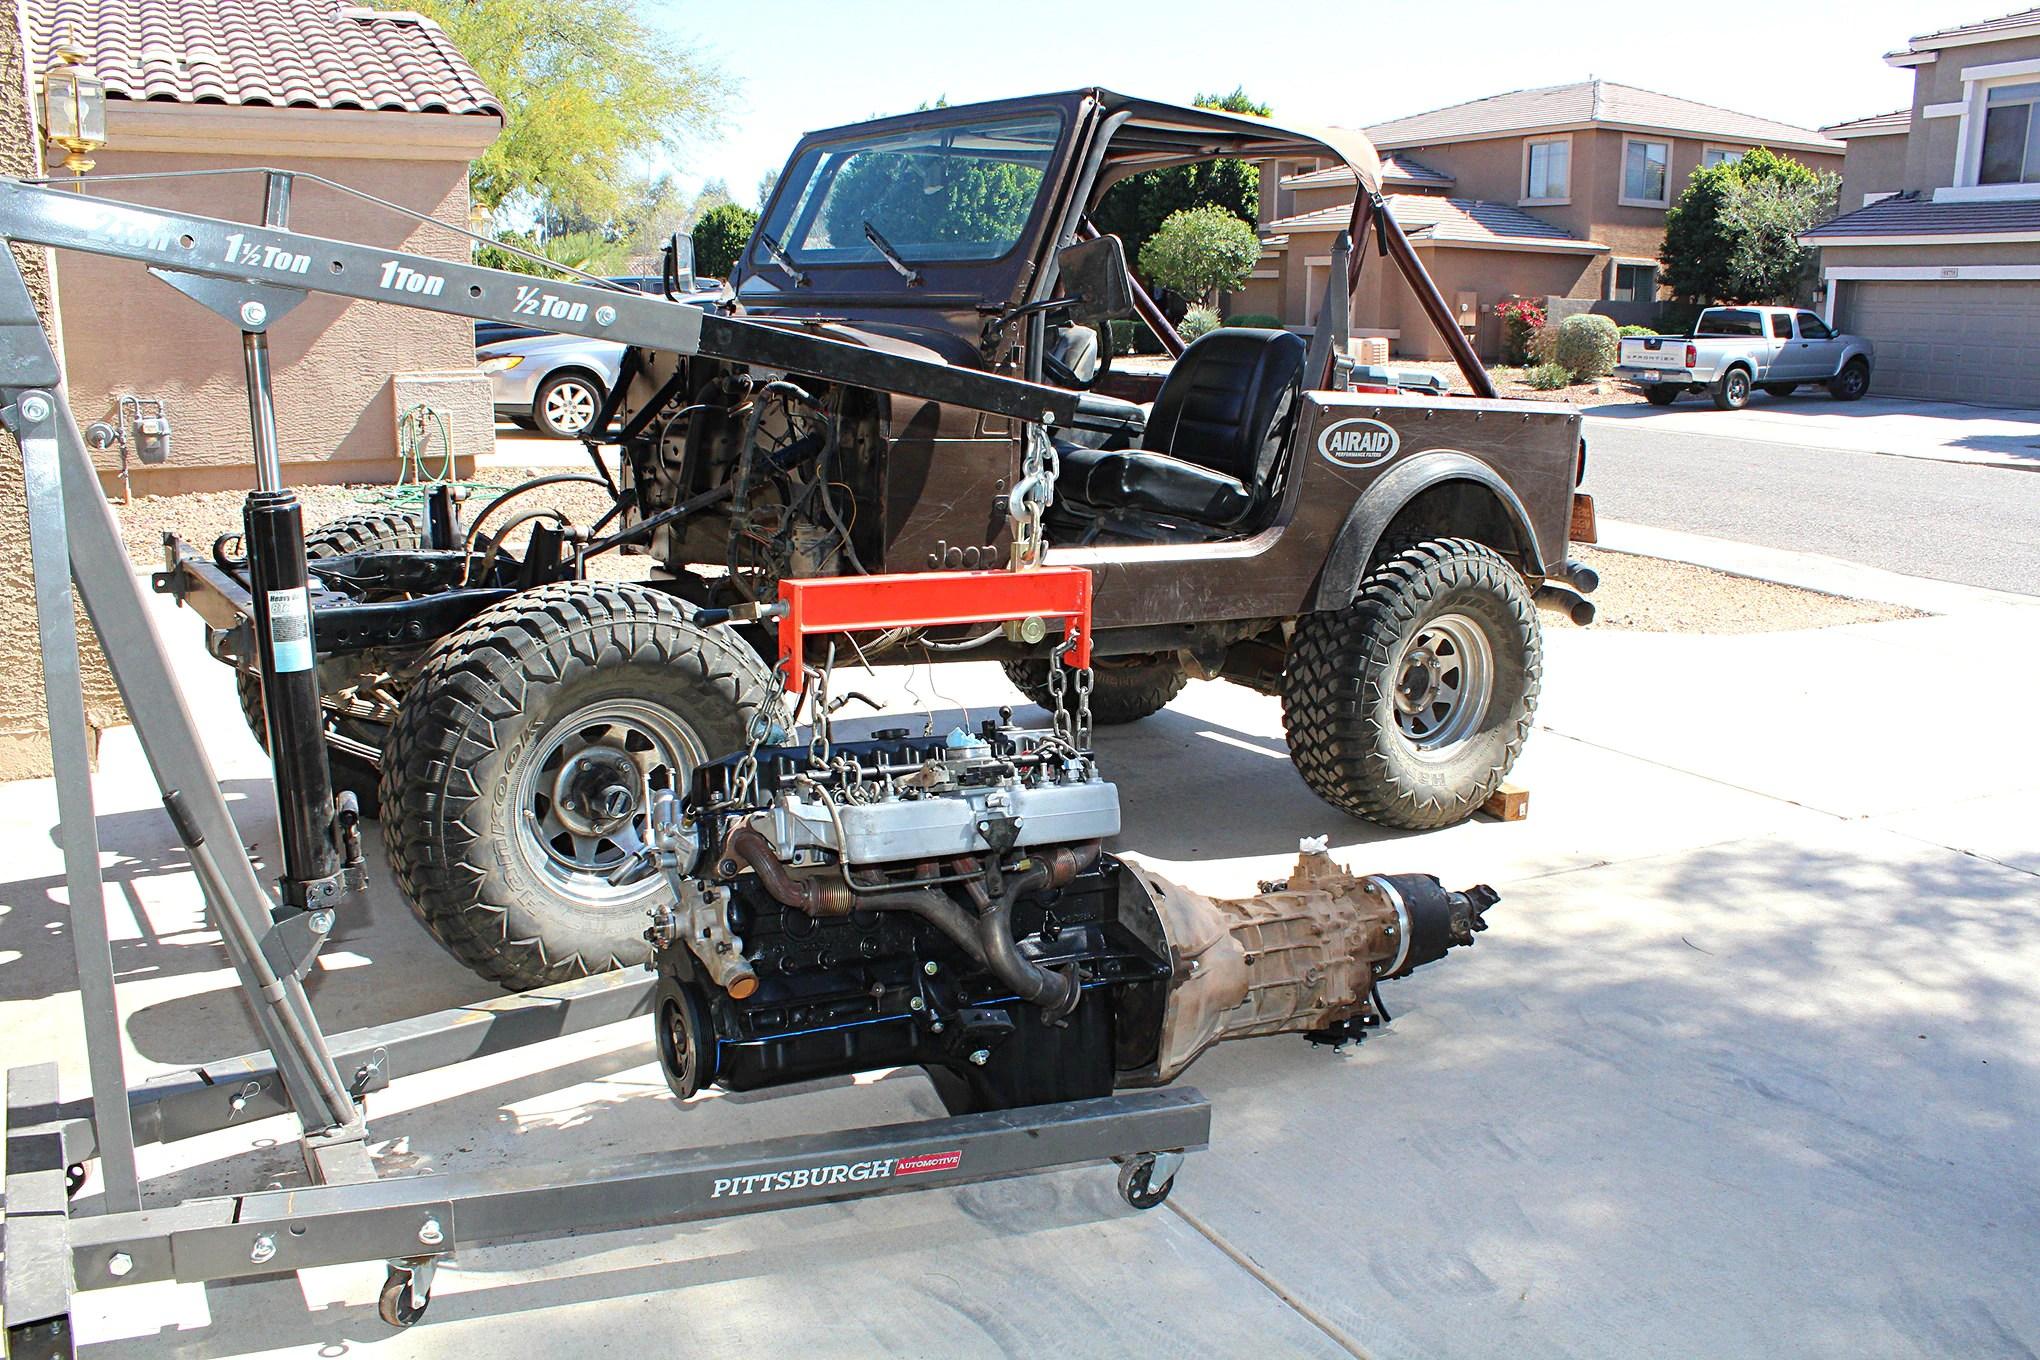 jeep cherokee 4 0 wiring harness ver wiring diagram on john deere 3020 electrical diagram power wheels  [ 2040 x 1360 Pixel ]